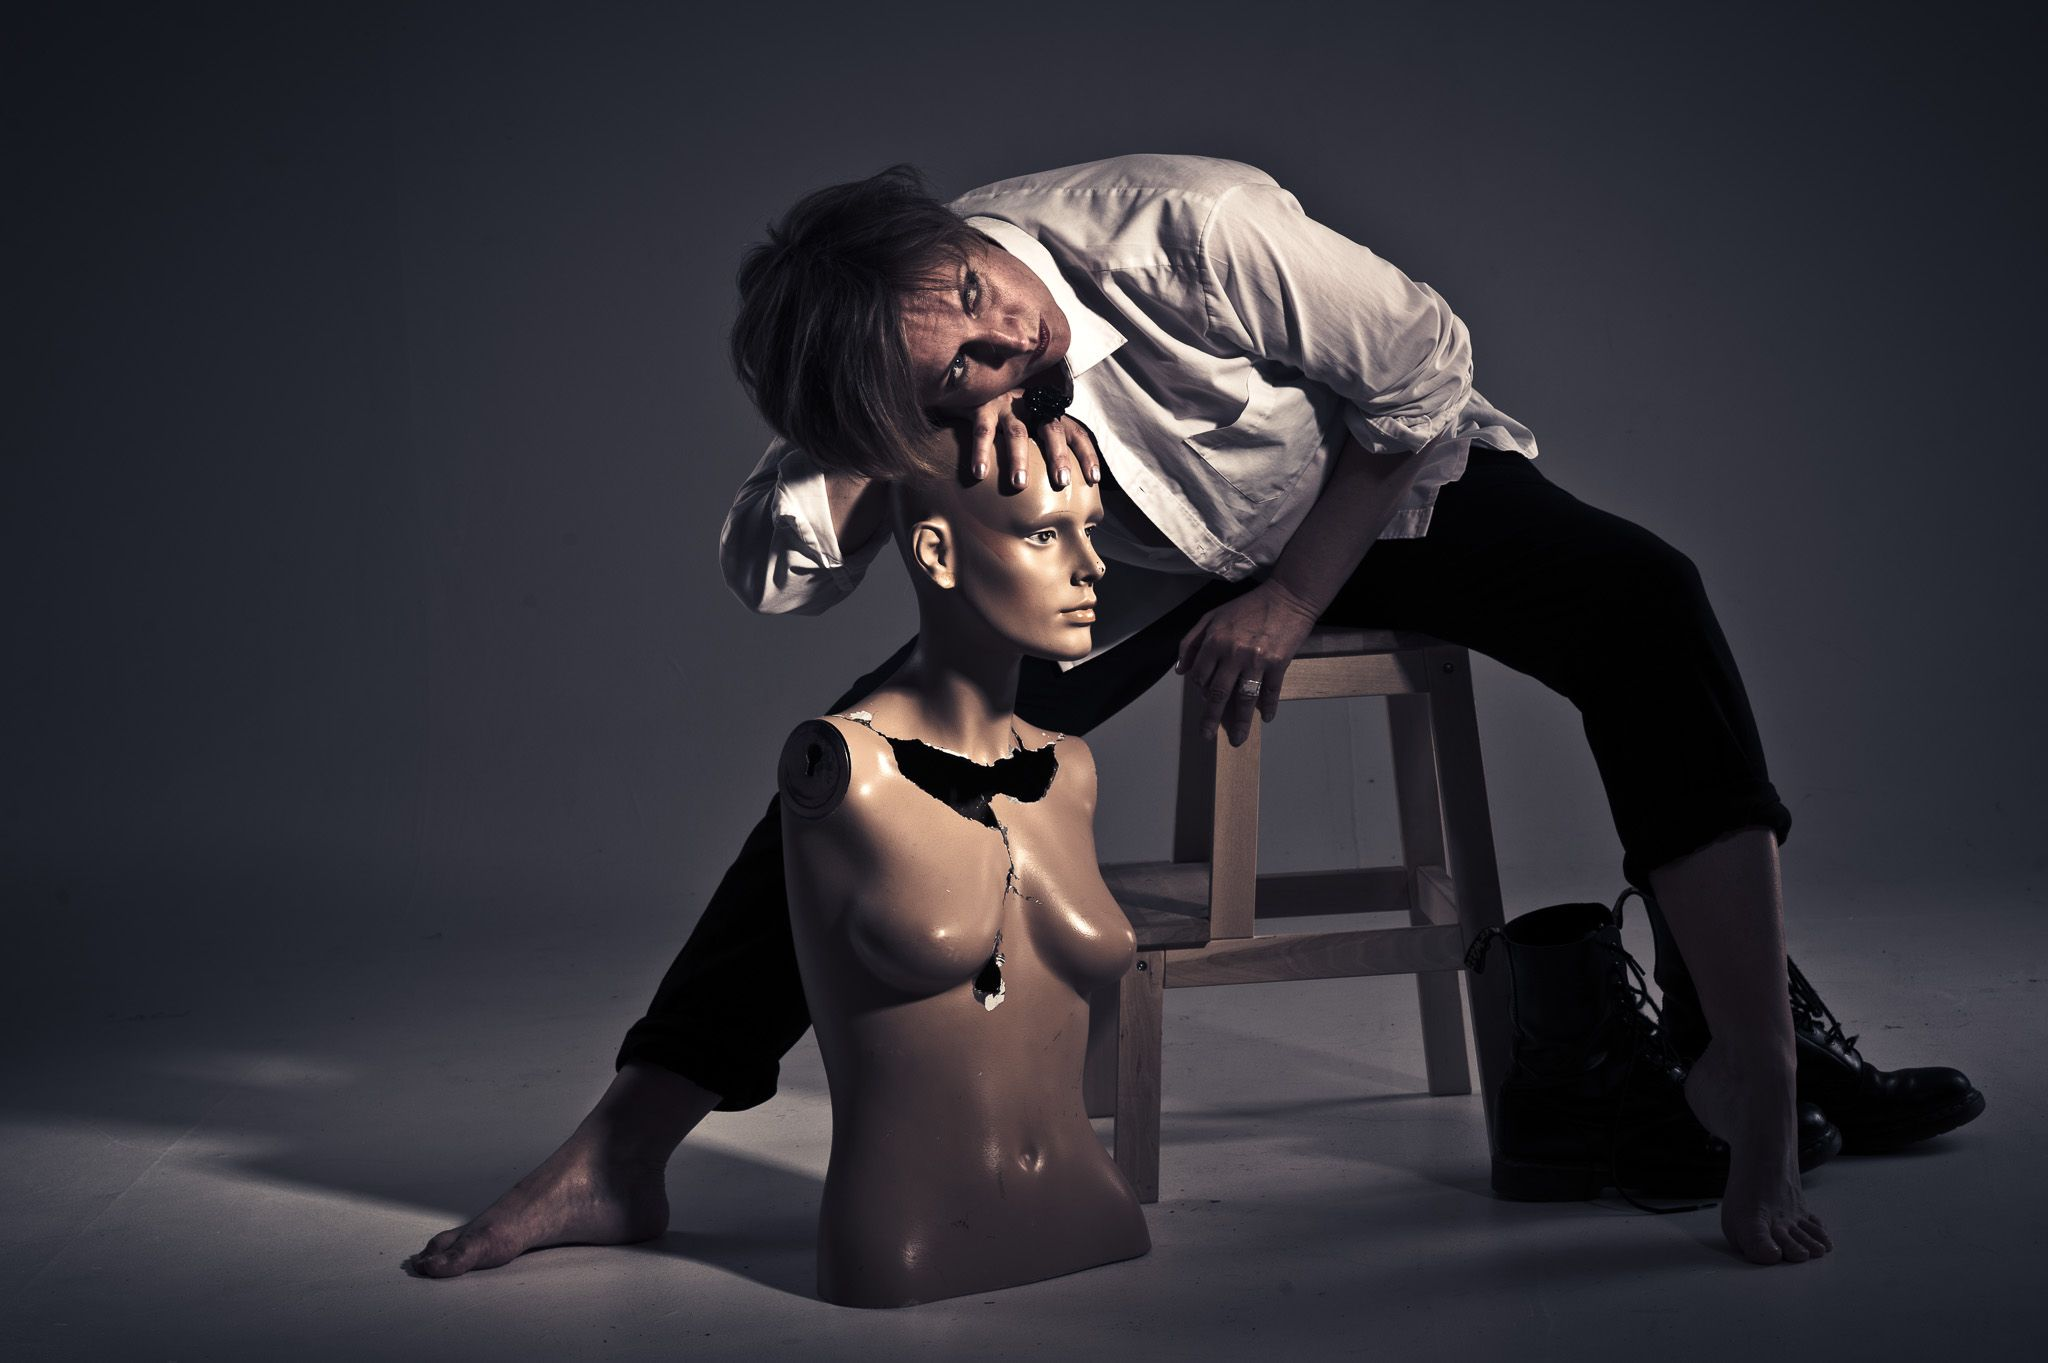 Woman in studio by Fredrik Strandin